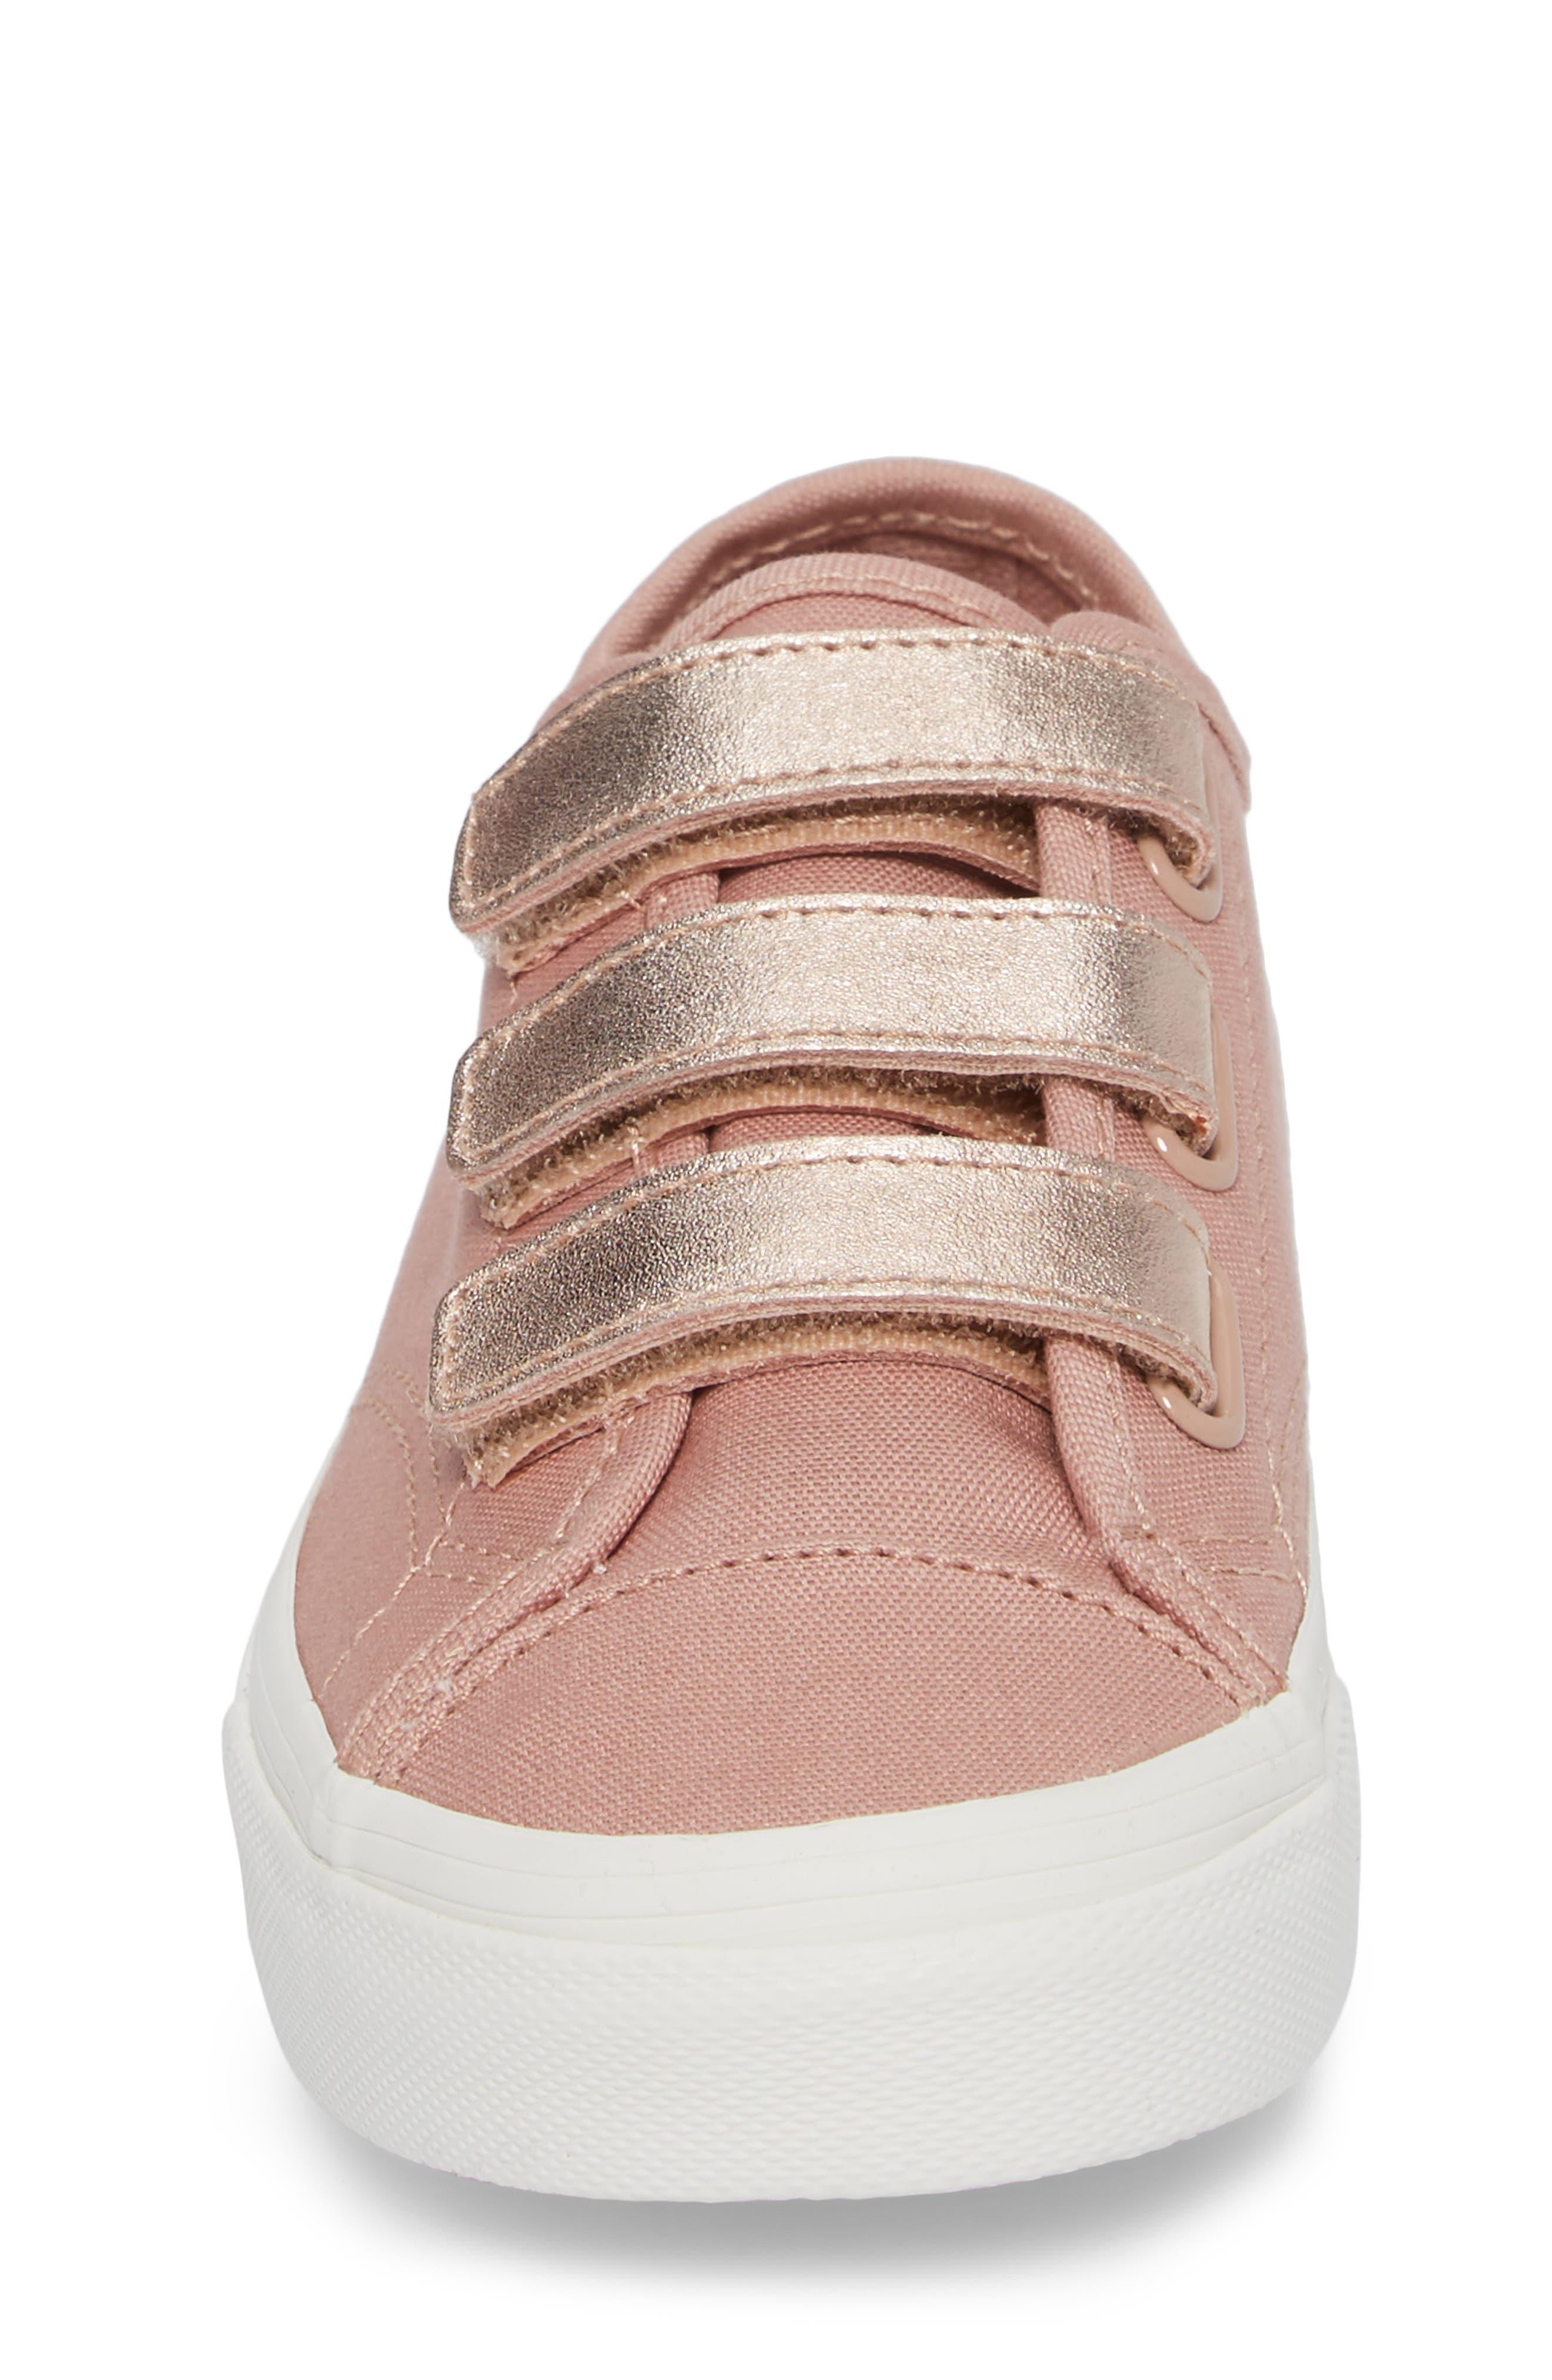 Style 23V Sneaker,                             Alternate thumbnail 4, color,                             220